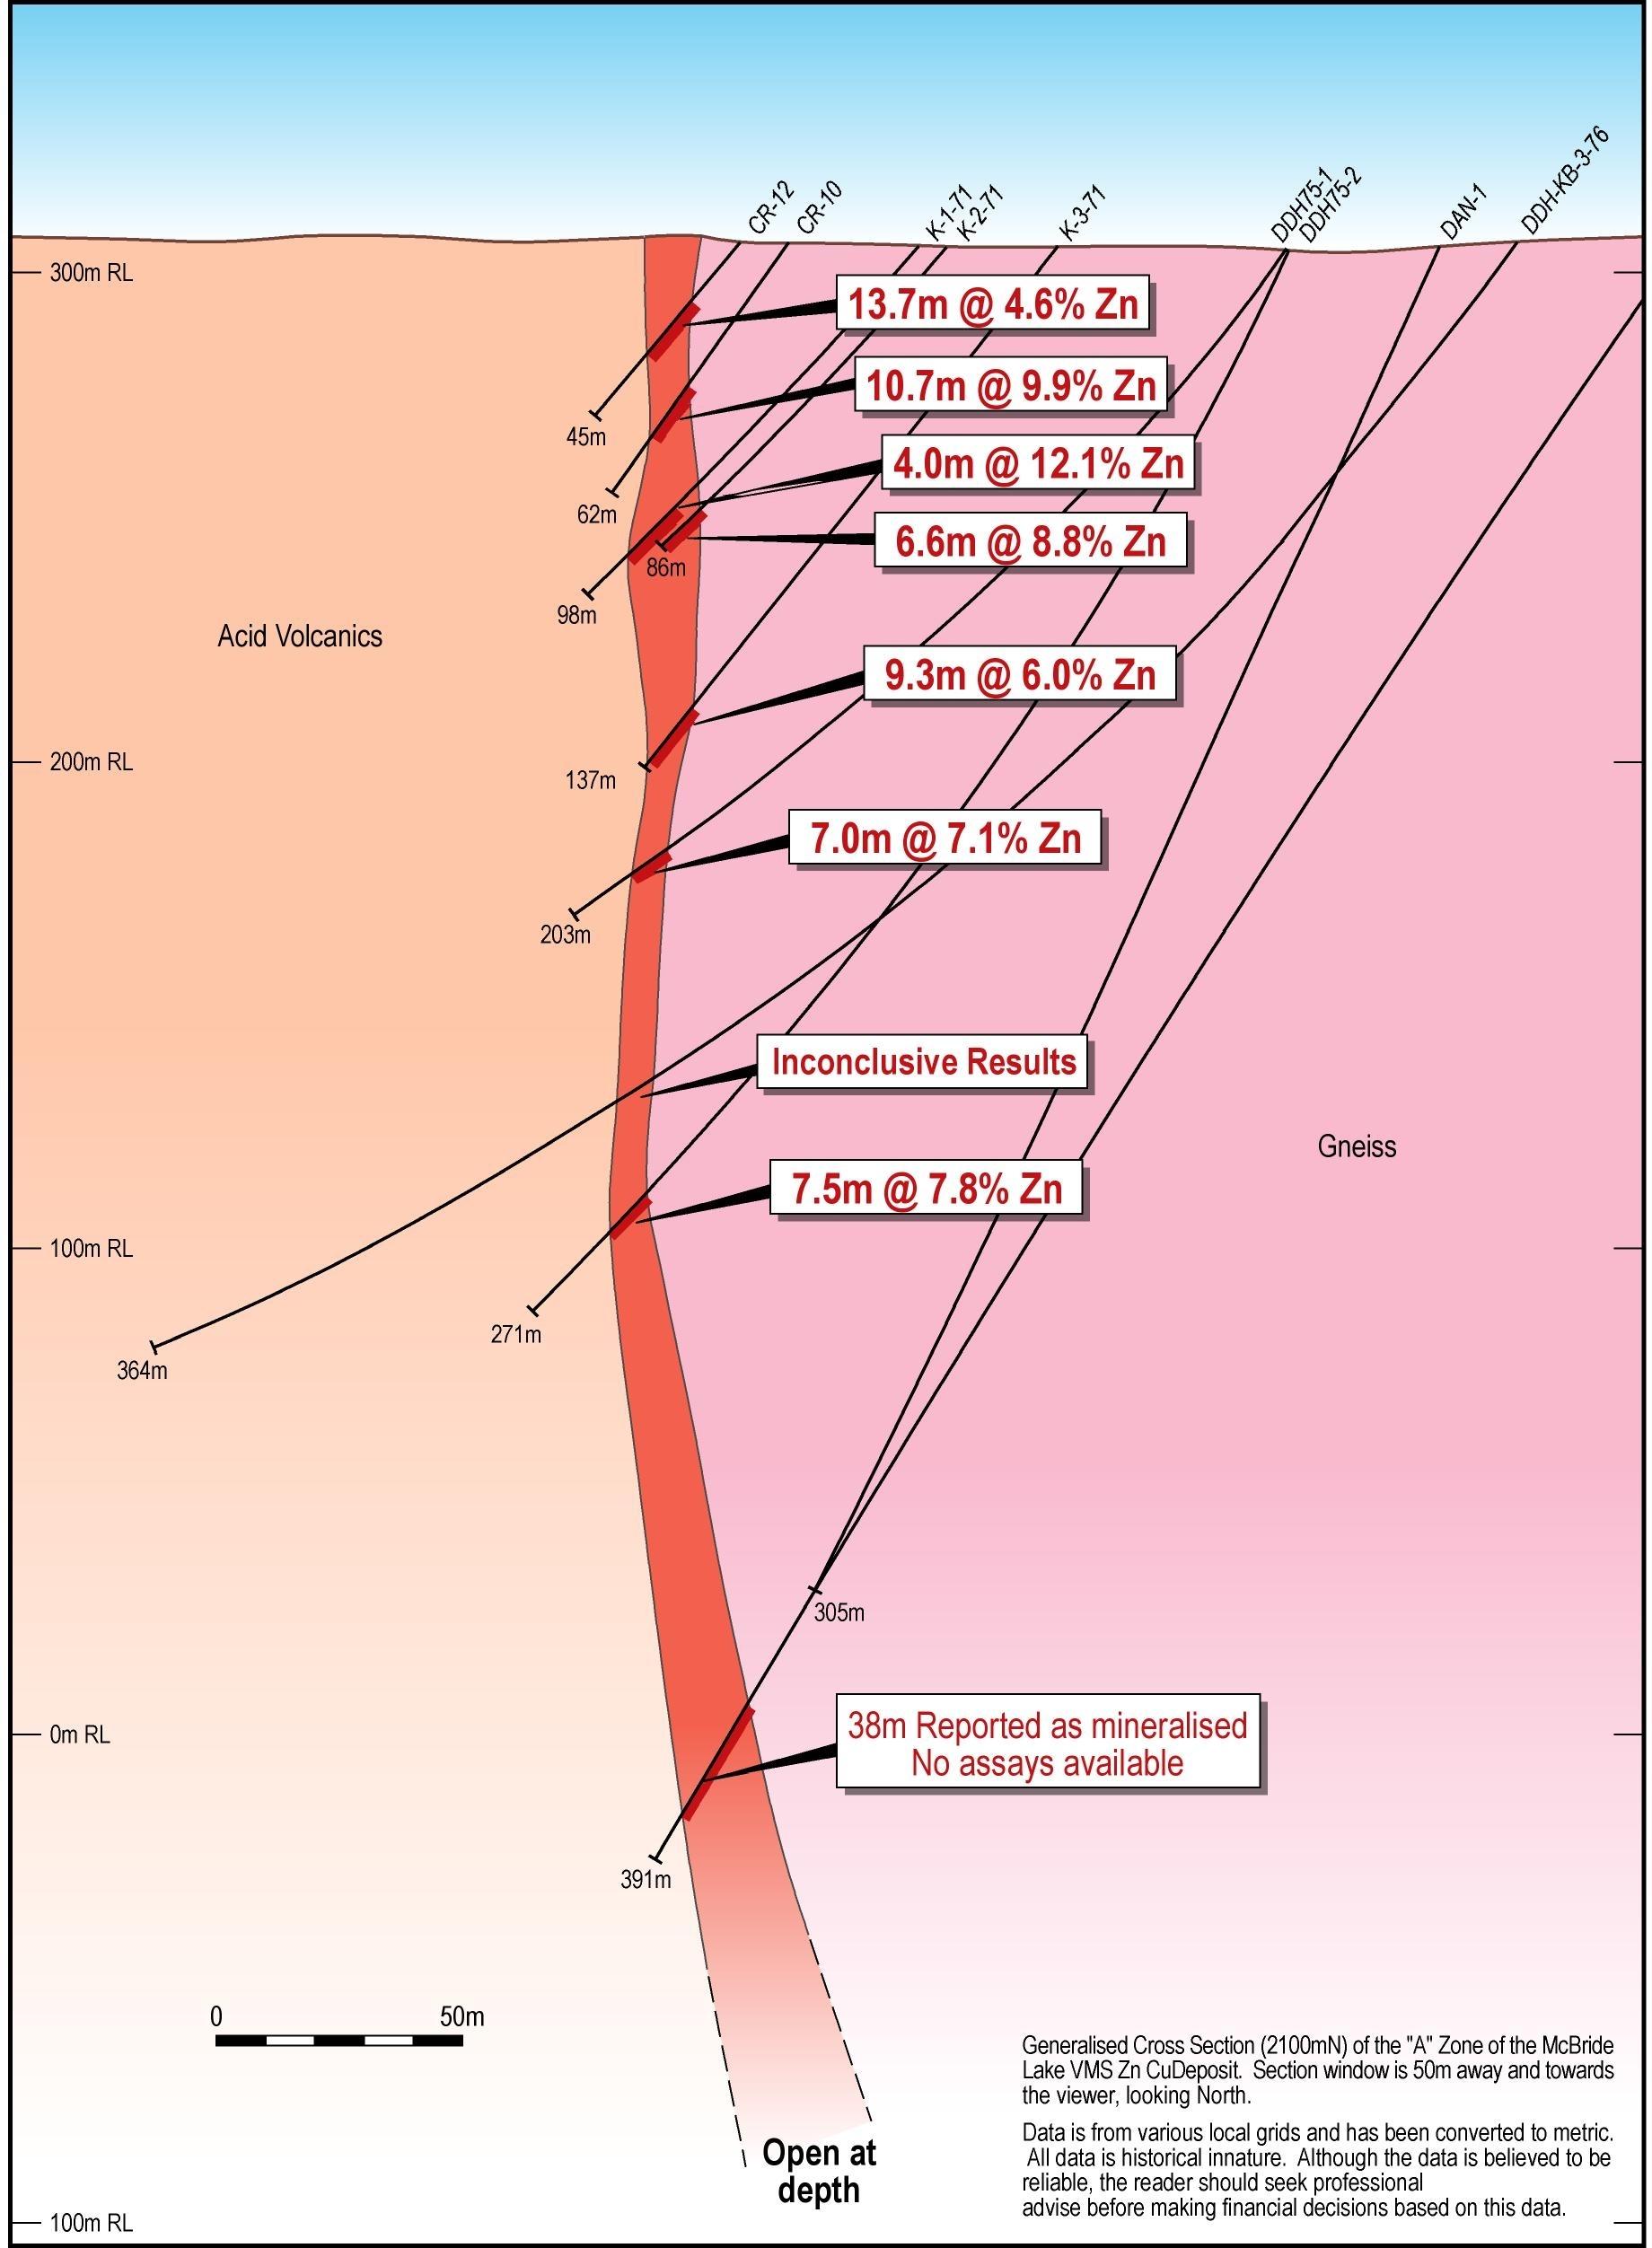 Fig 5.1 MacBride Lake Generalised Cross Section (2100N)